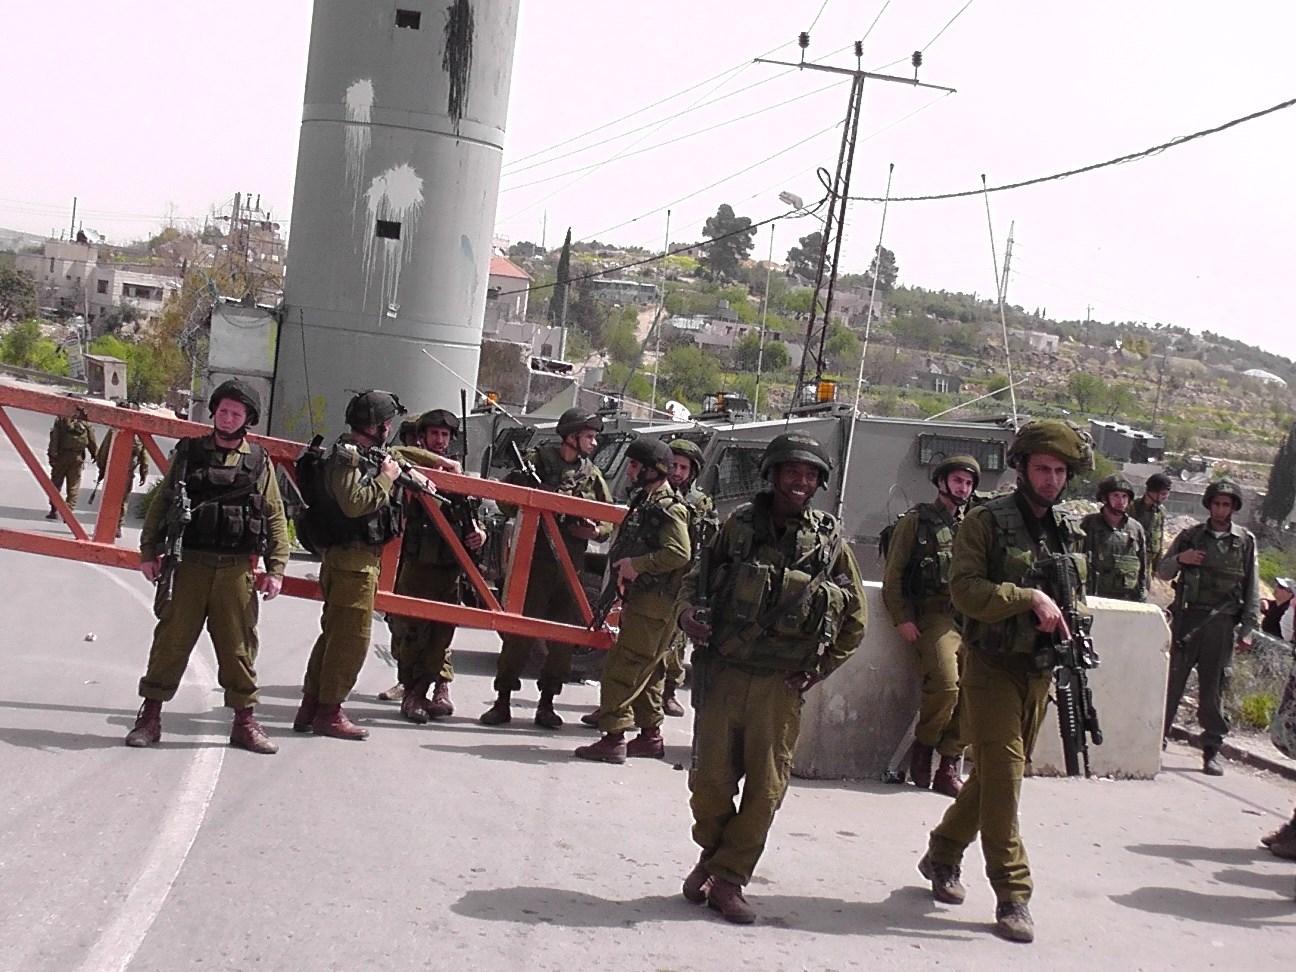 استشهاد فلسطيني برصاص الاحتلال في القدس المحتلة عند باب الأسباط